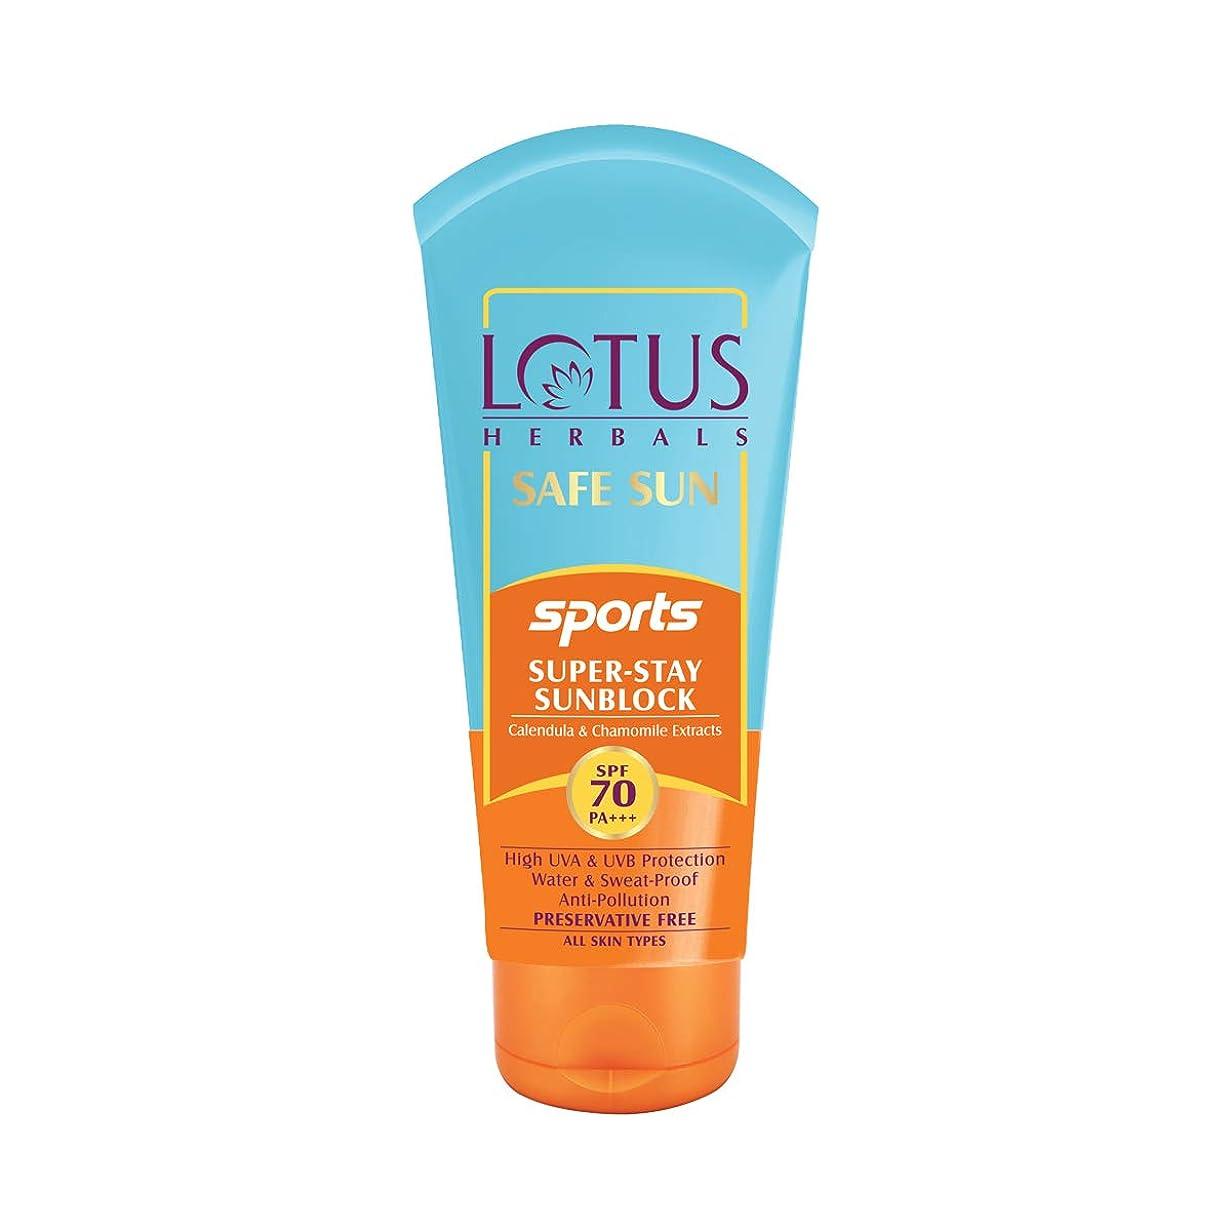 上がる手がかりゆでるLotus Herbals Safe Sun Sports Super-Stay Sunblock Spf 70 Pa+++, 80 g (Calendula and chamomile extracts)